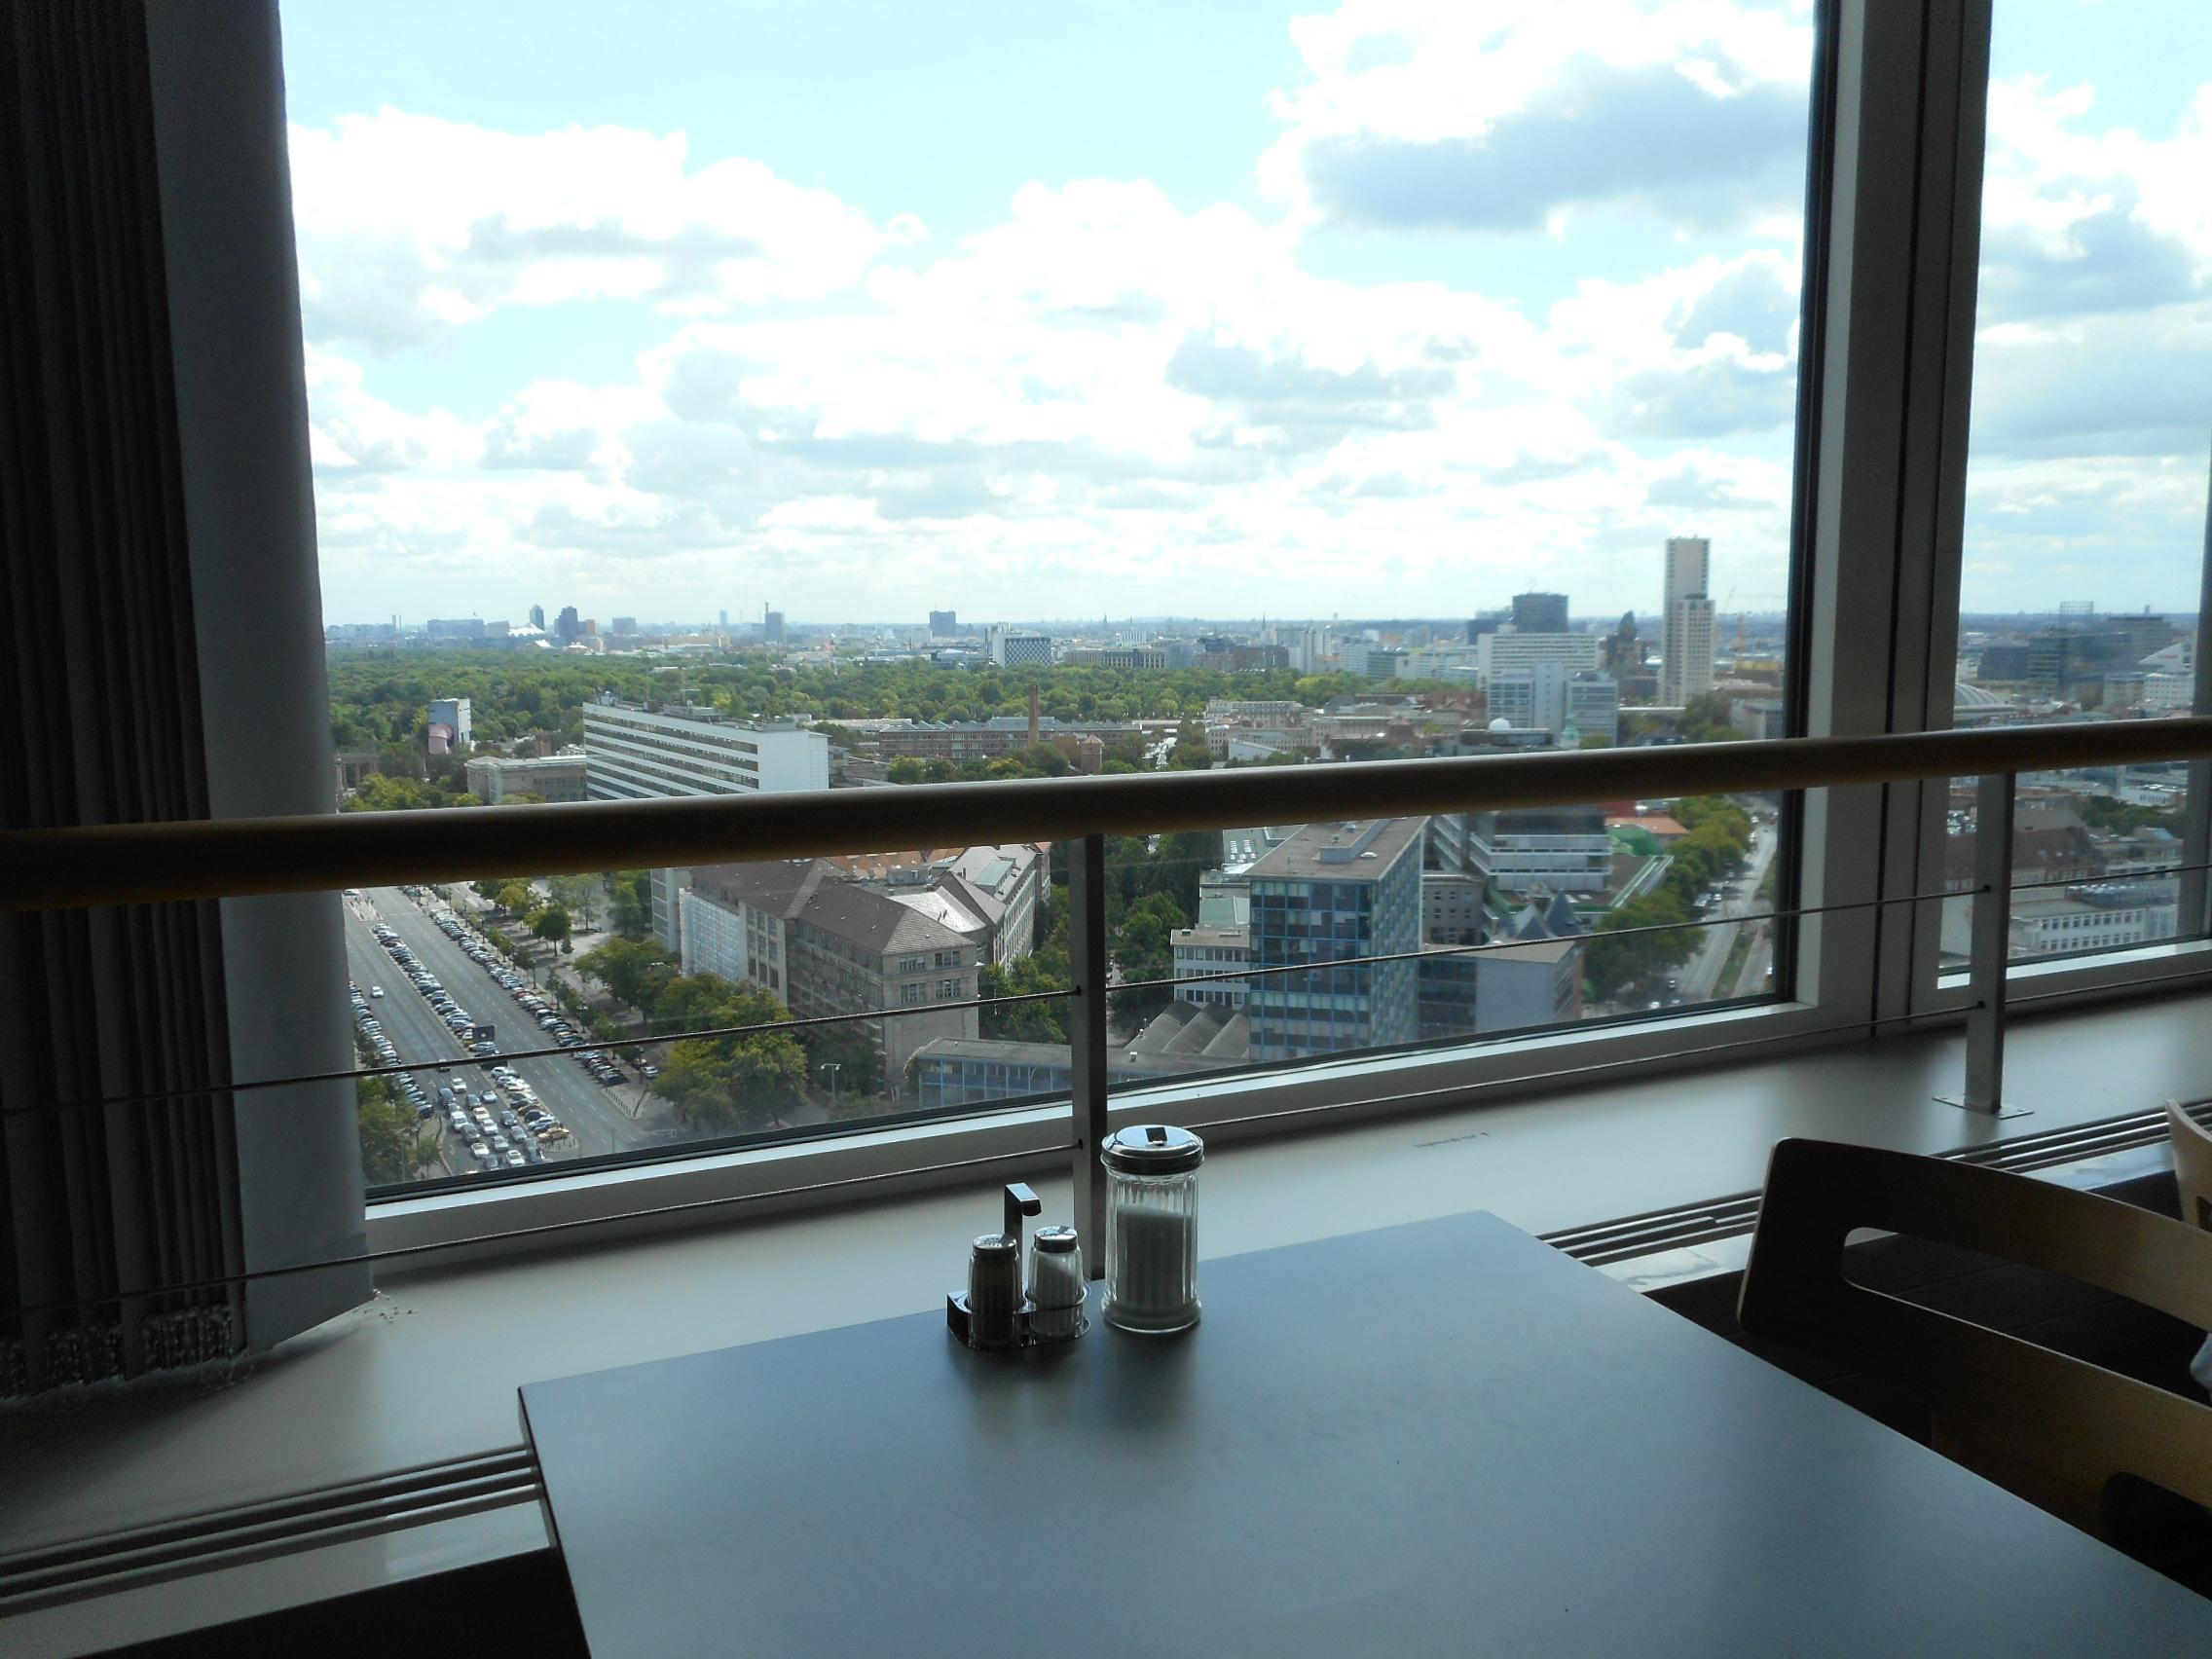 skyline-cafeteria-berlin-seats1